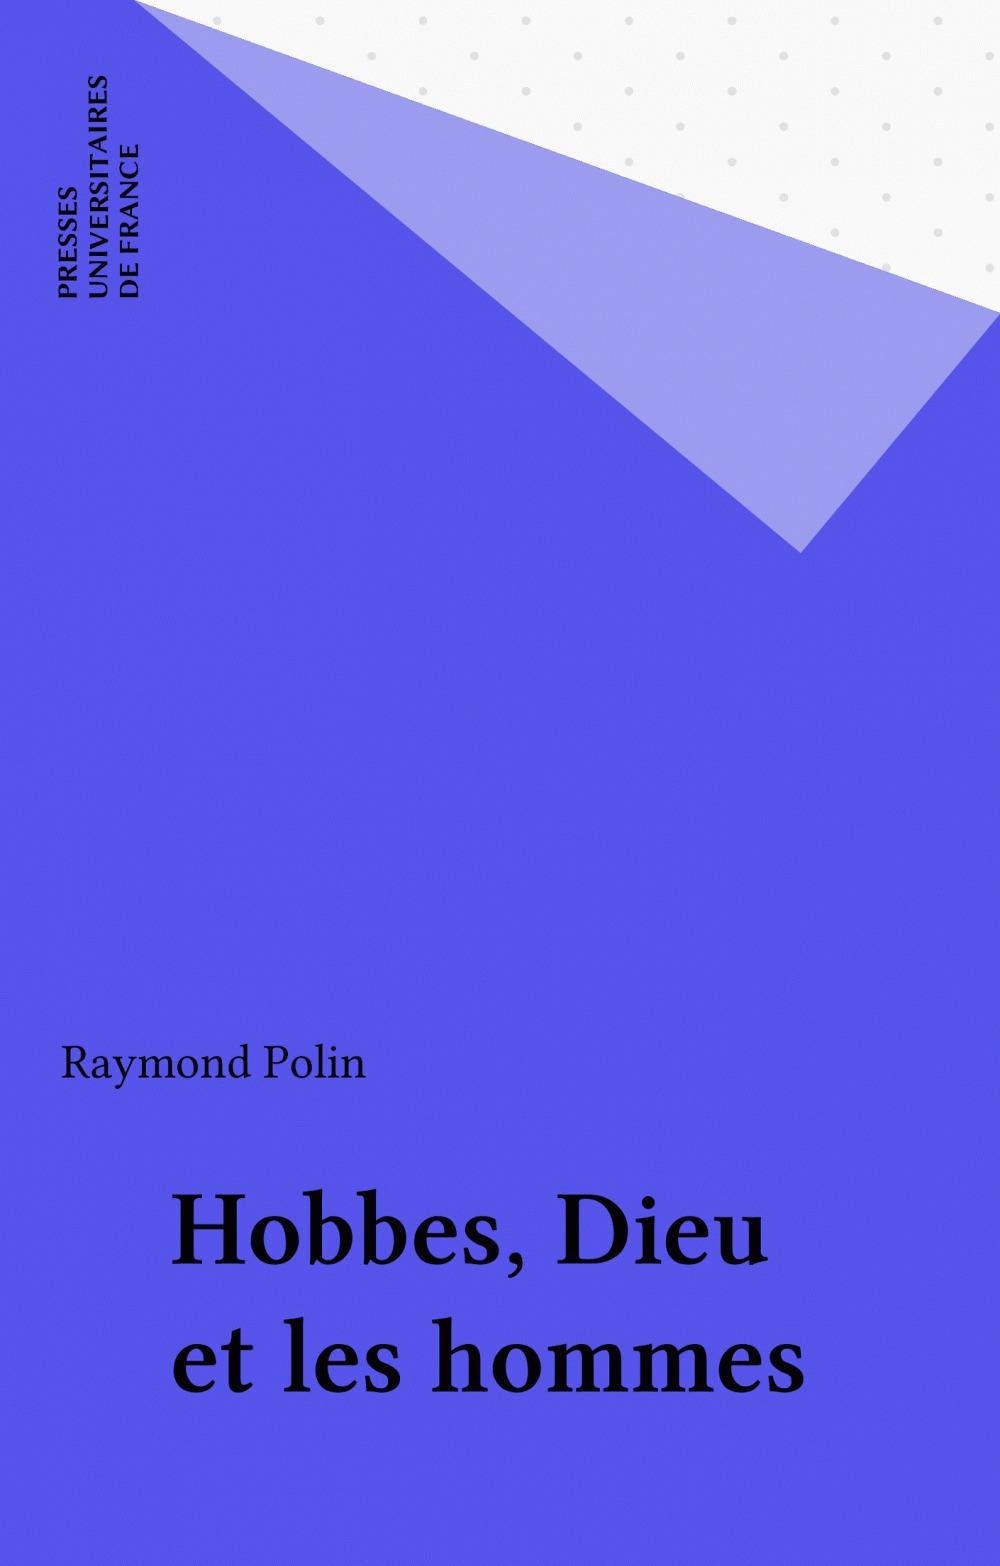 Hobbes, dieu et les hommes